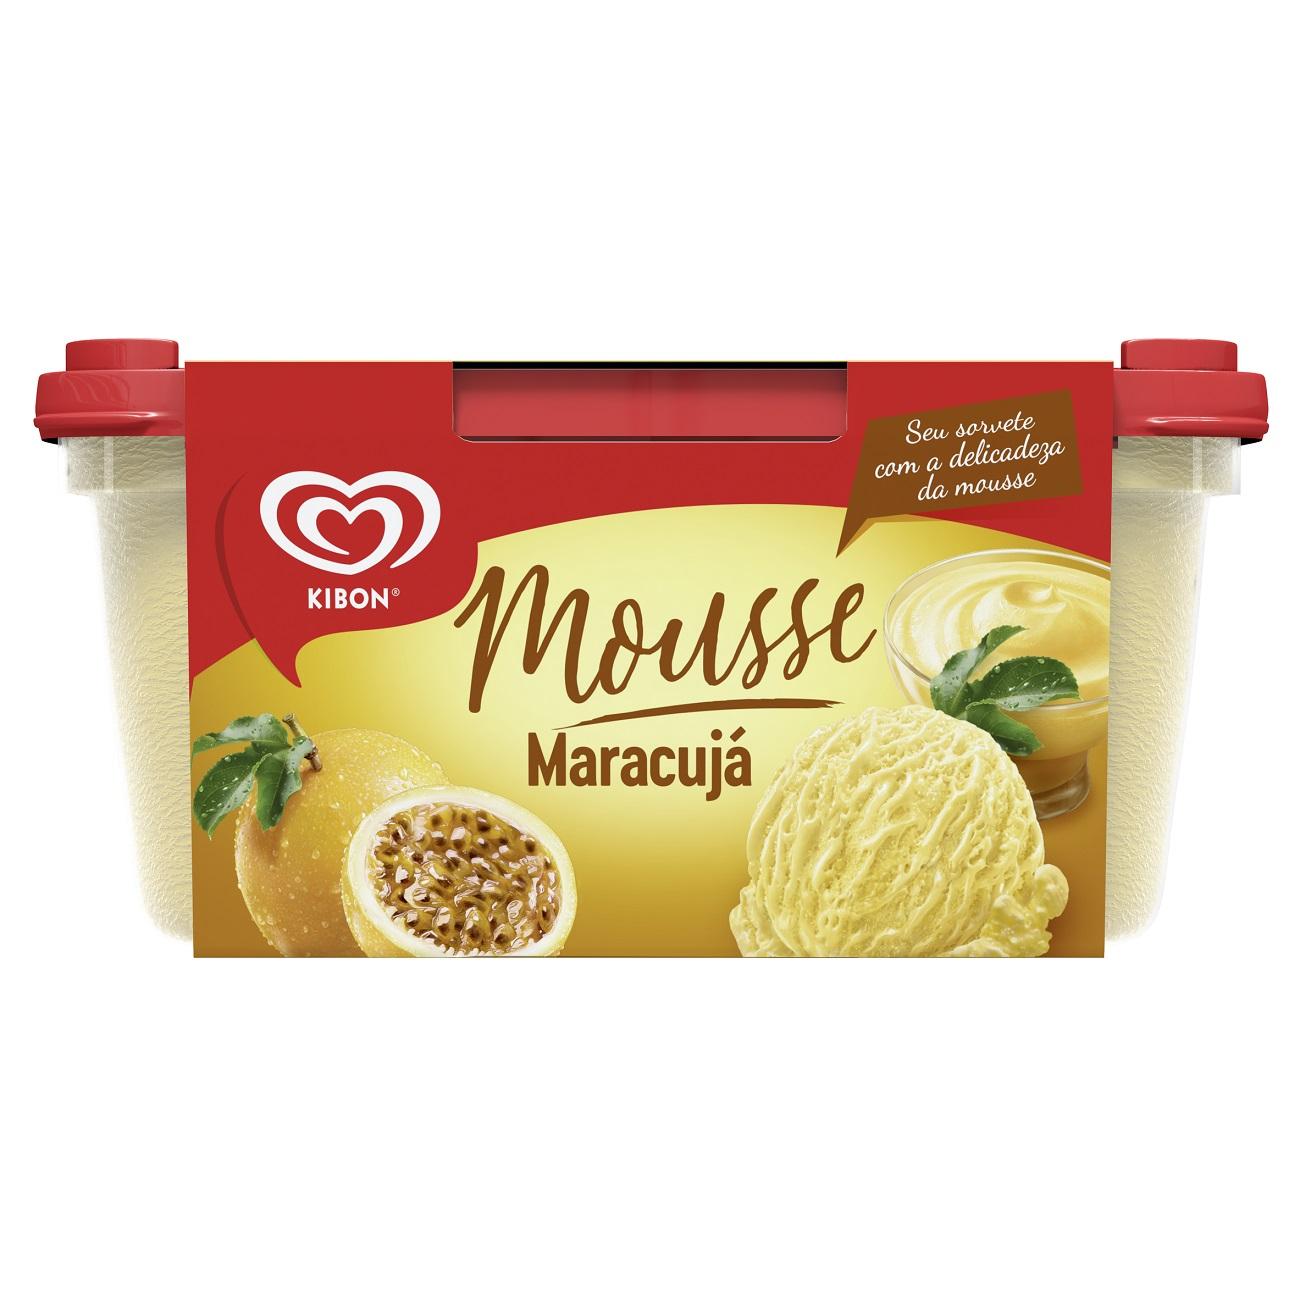 Sorvete Kibon Mousse Maracuja 1,3L | Caixa Com 4